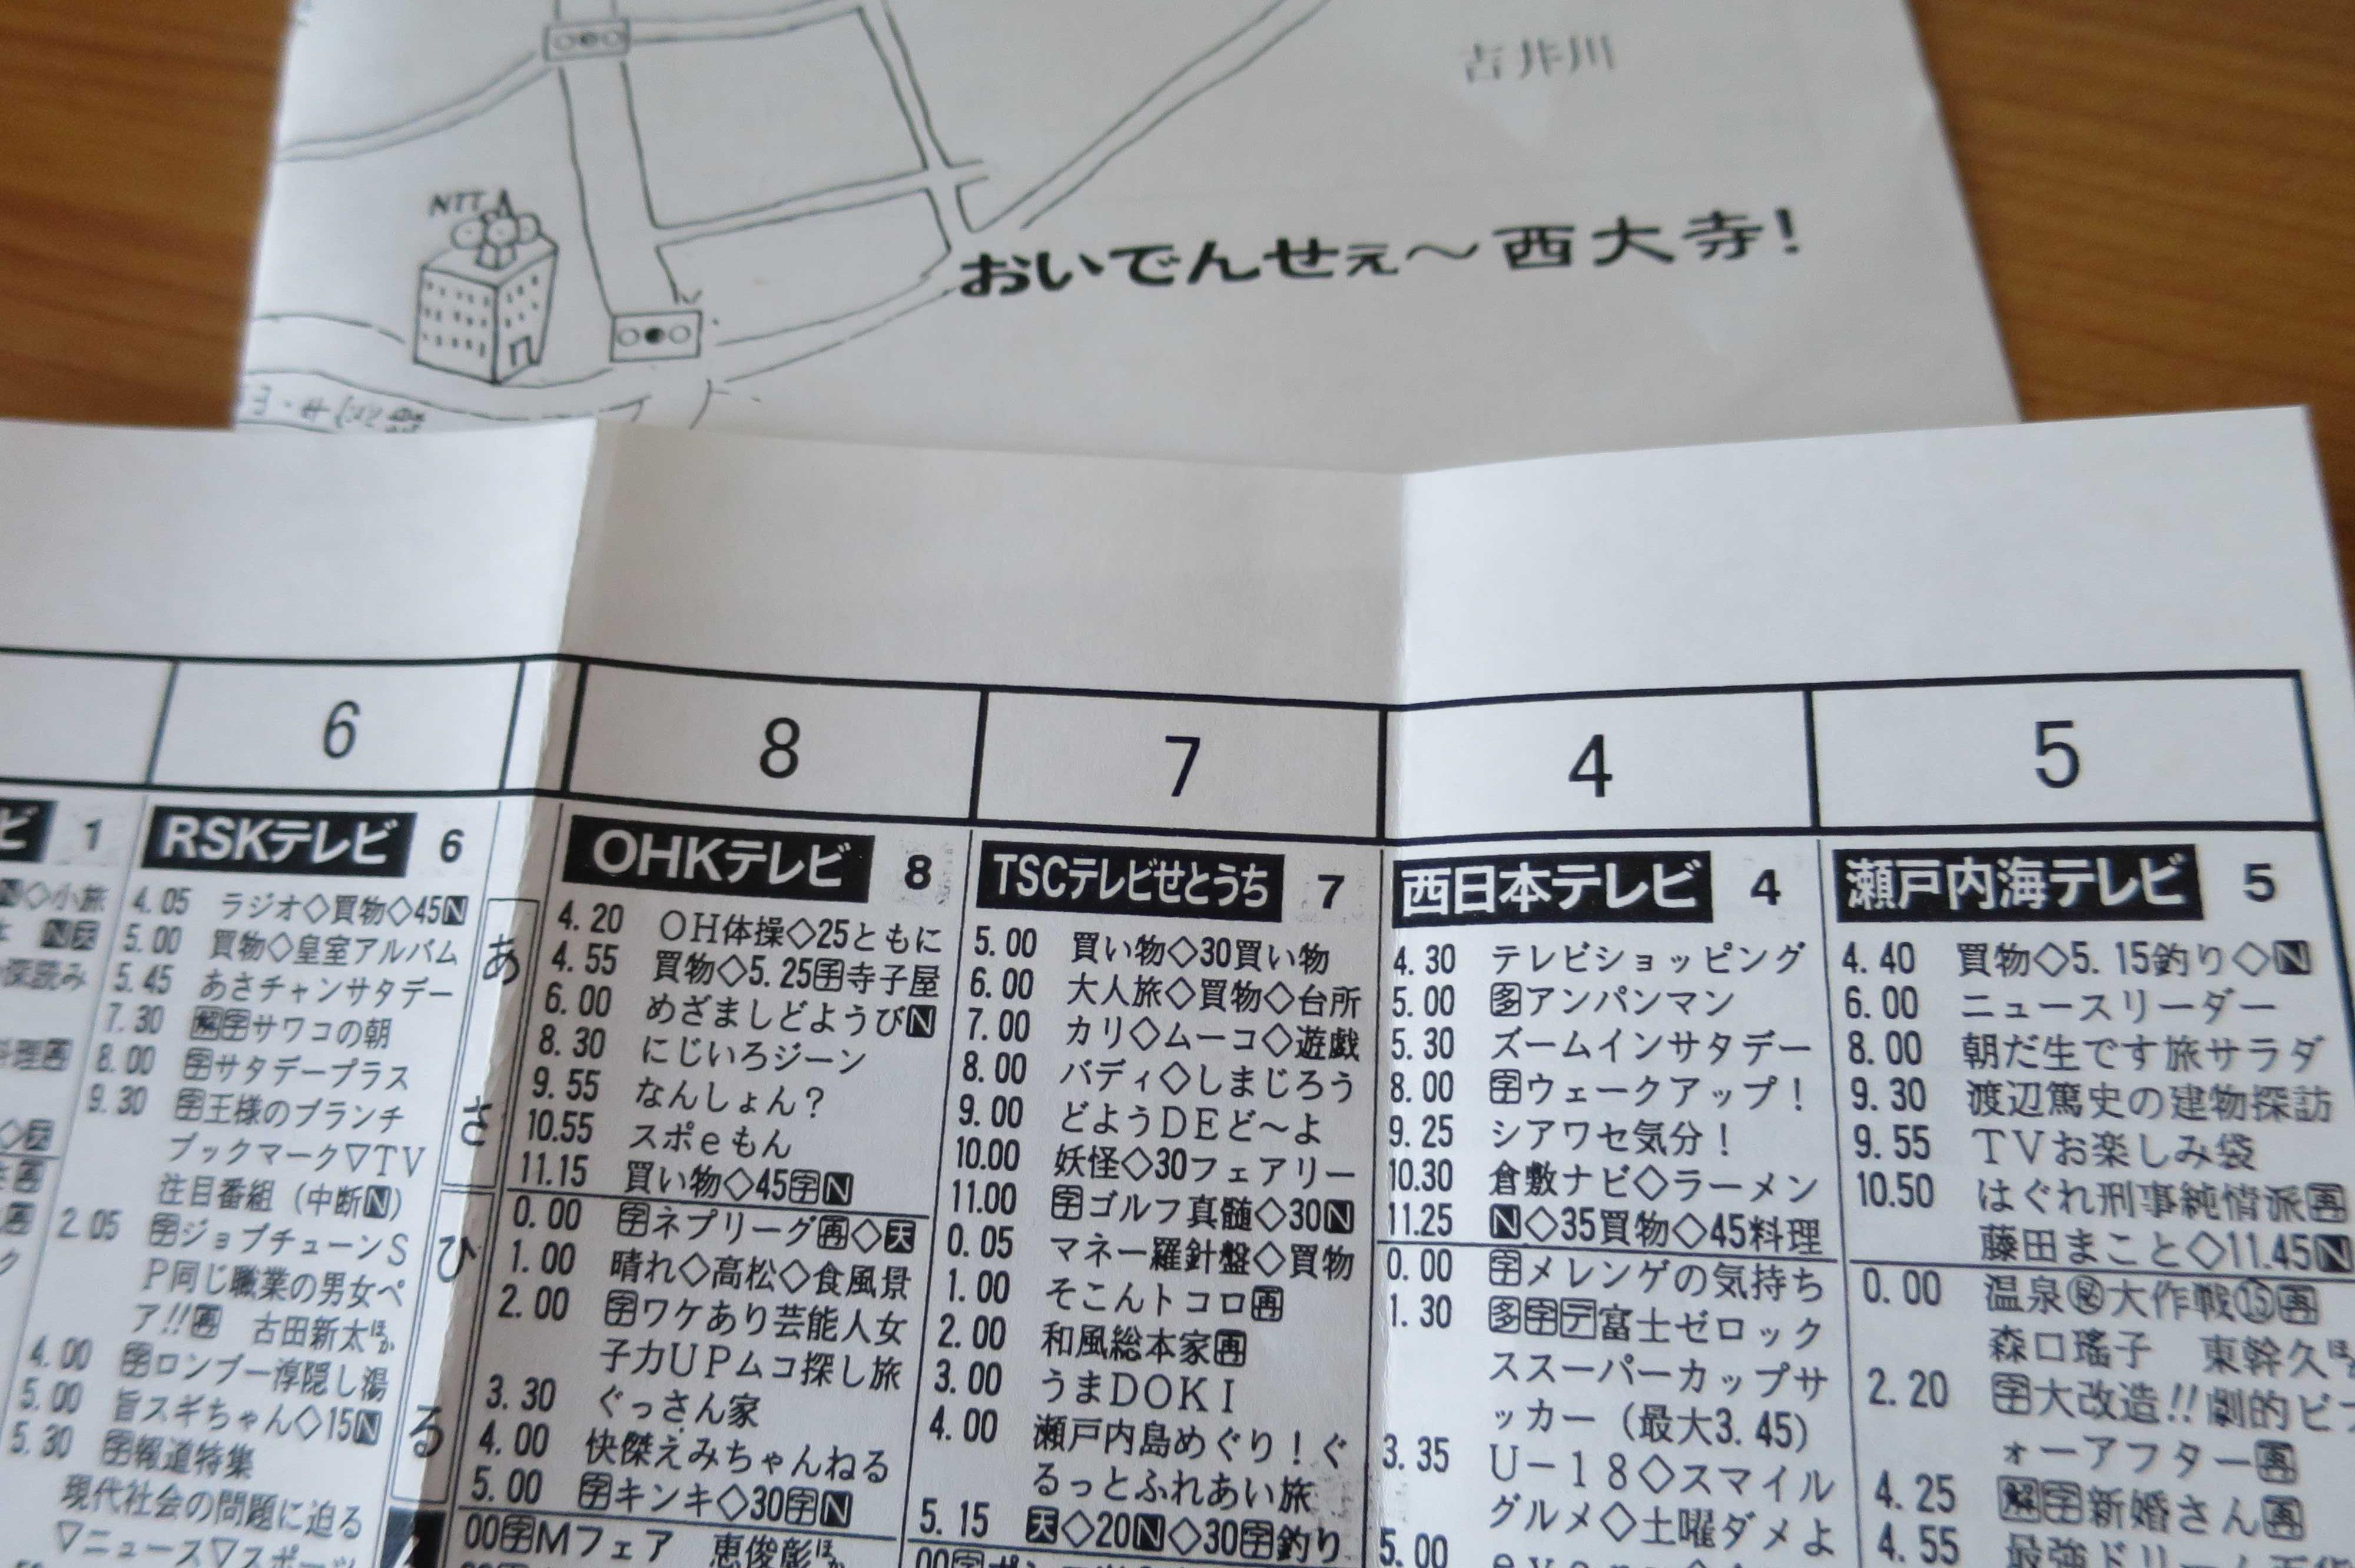 岡山のテレビ番組表